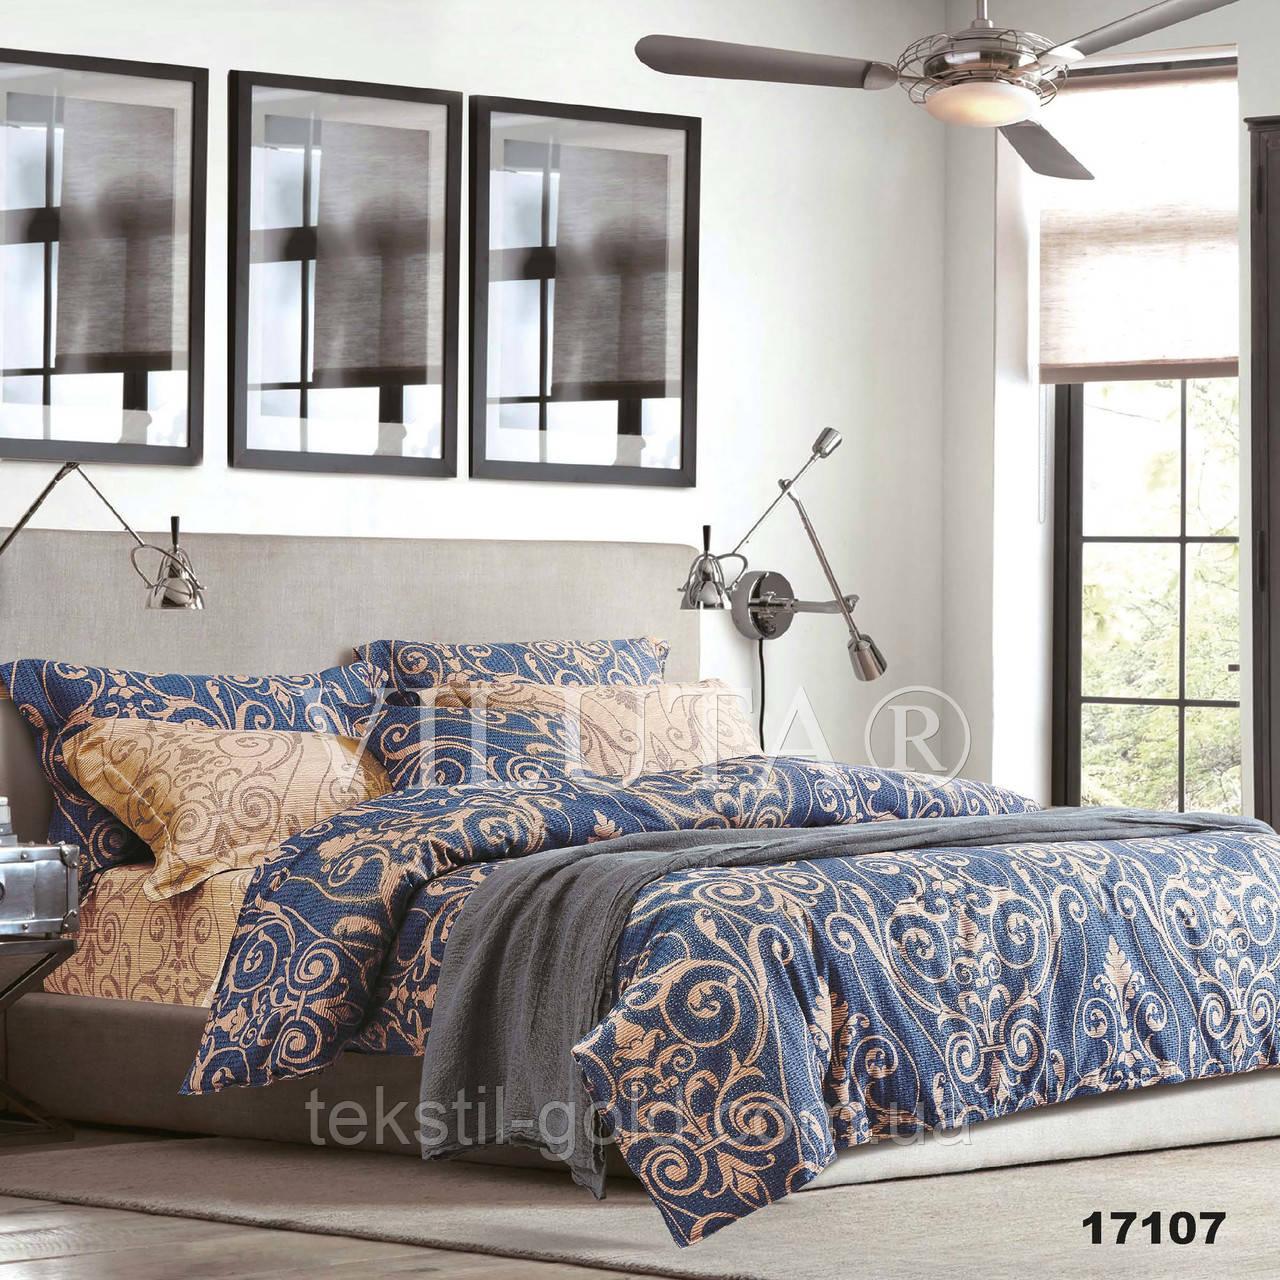 Двуспальный комплект постельного белья VILUTA ранфорс 17107